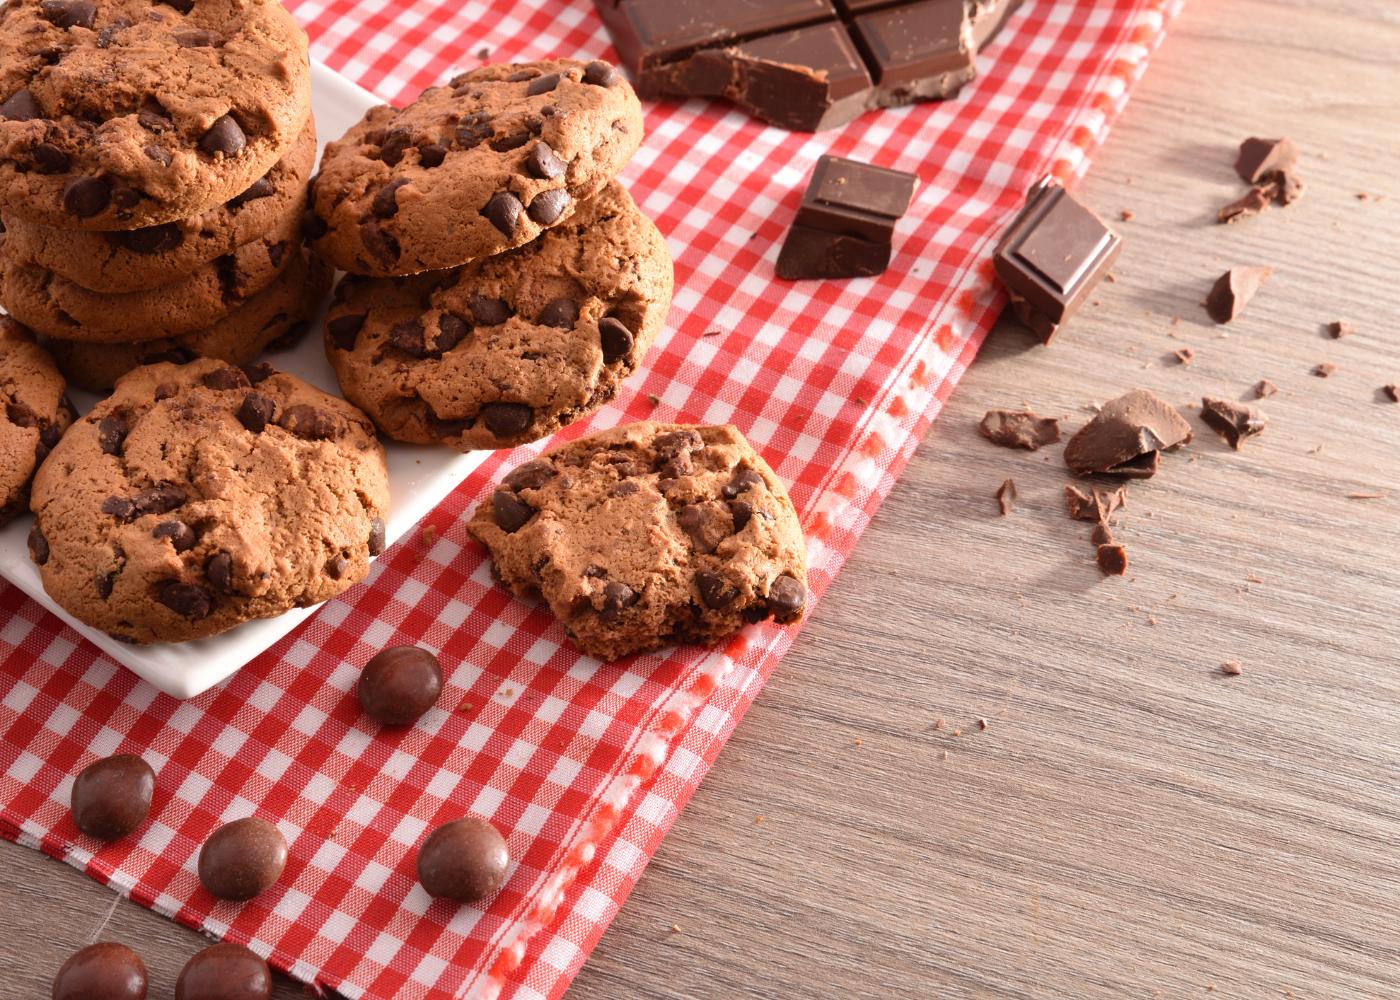 bolachas com pepitas de chocolate em cima da mesa